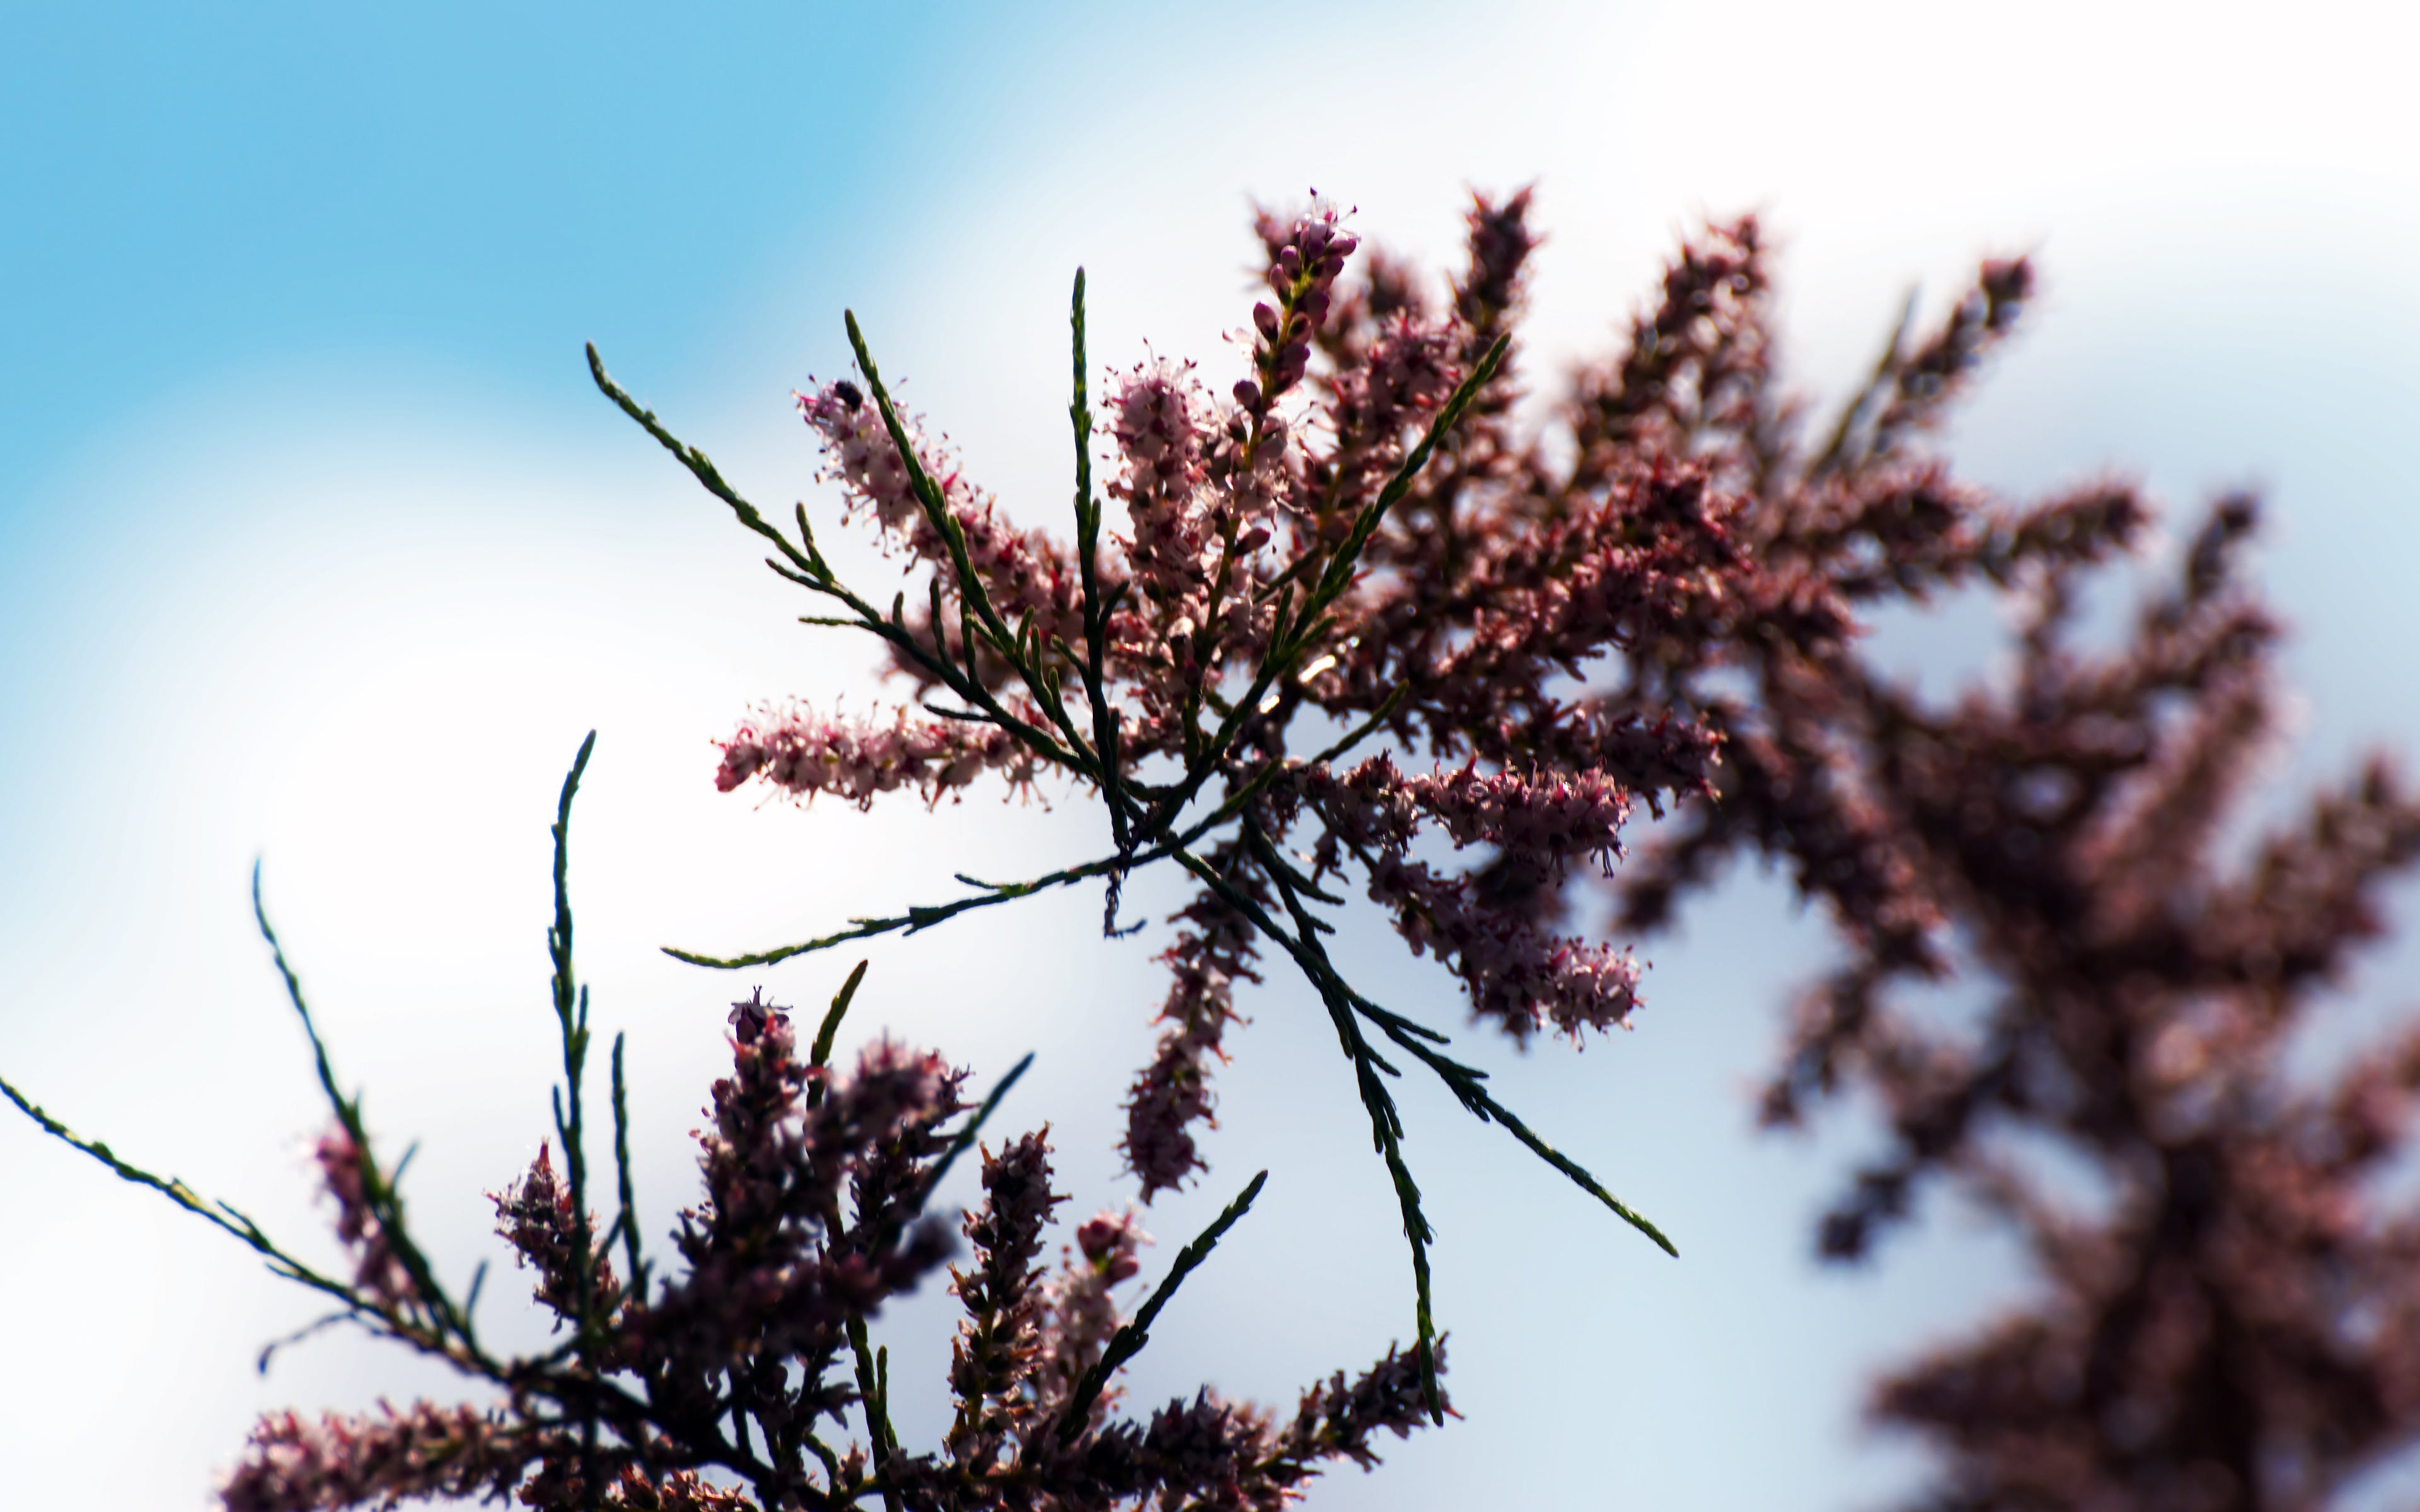 คลังภาพถ่ายฟรี ของ กิ่งไม้, กิ่งไม้ดอก, ดอกไม้, ท้องฟ้า